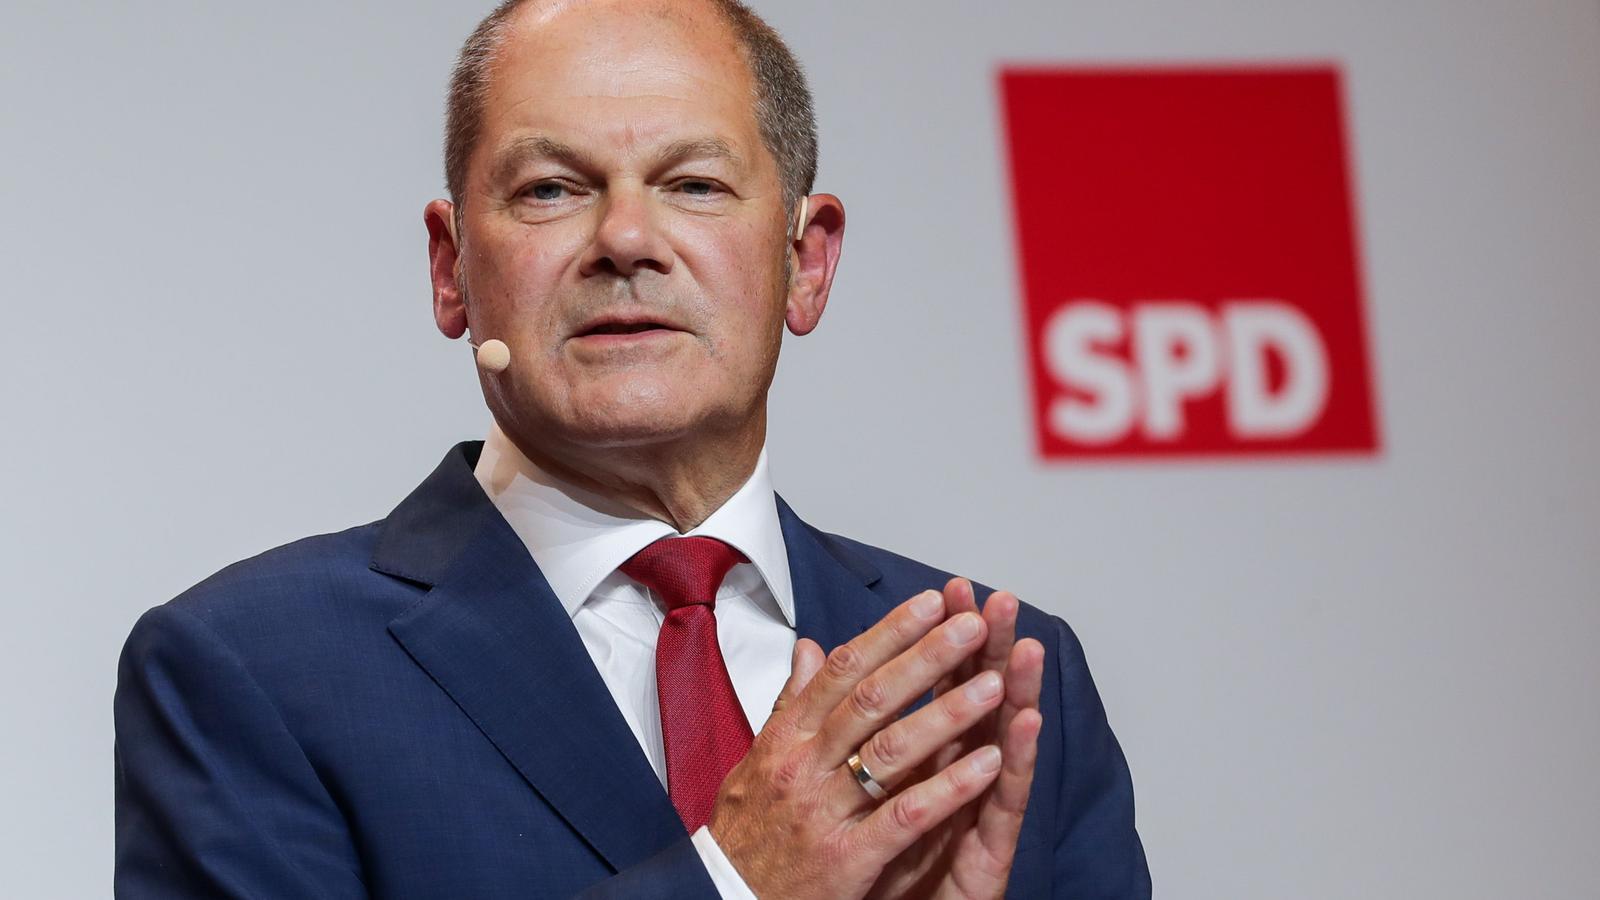 El ministre de Finances, Olaf Scholz, durant una roda de premsa aquest dilluns